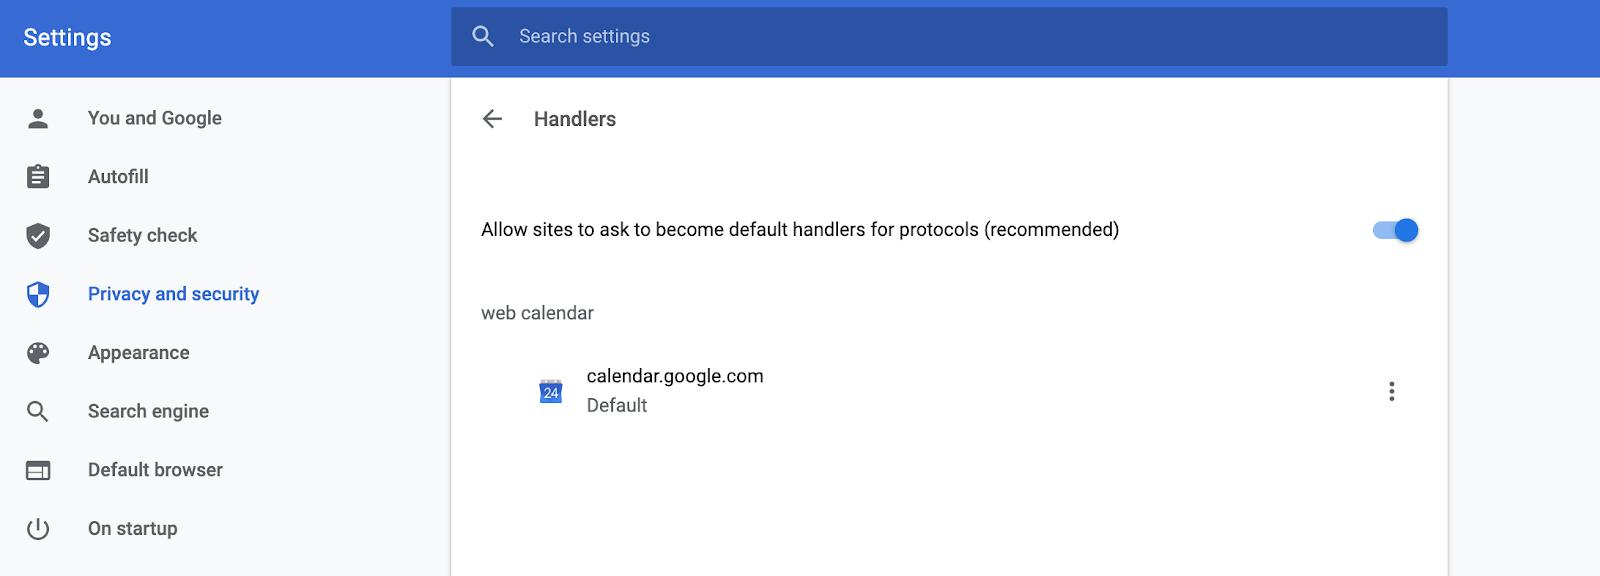 settings/handlers